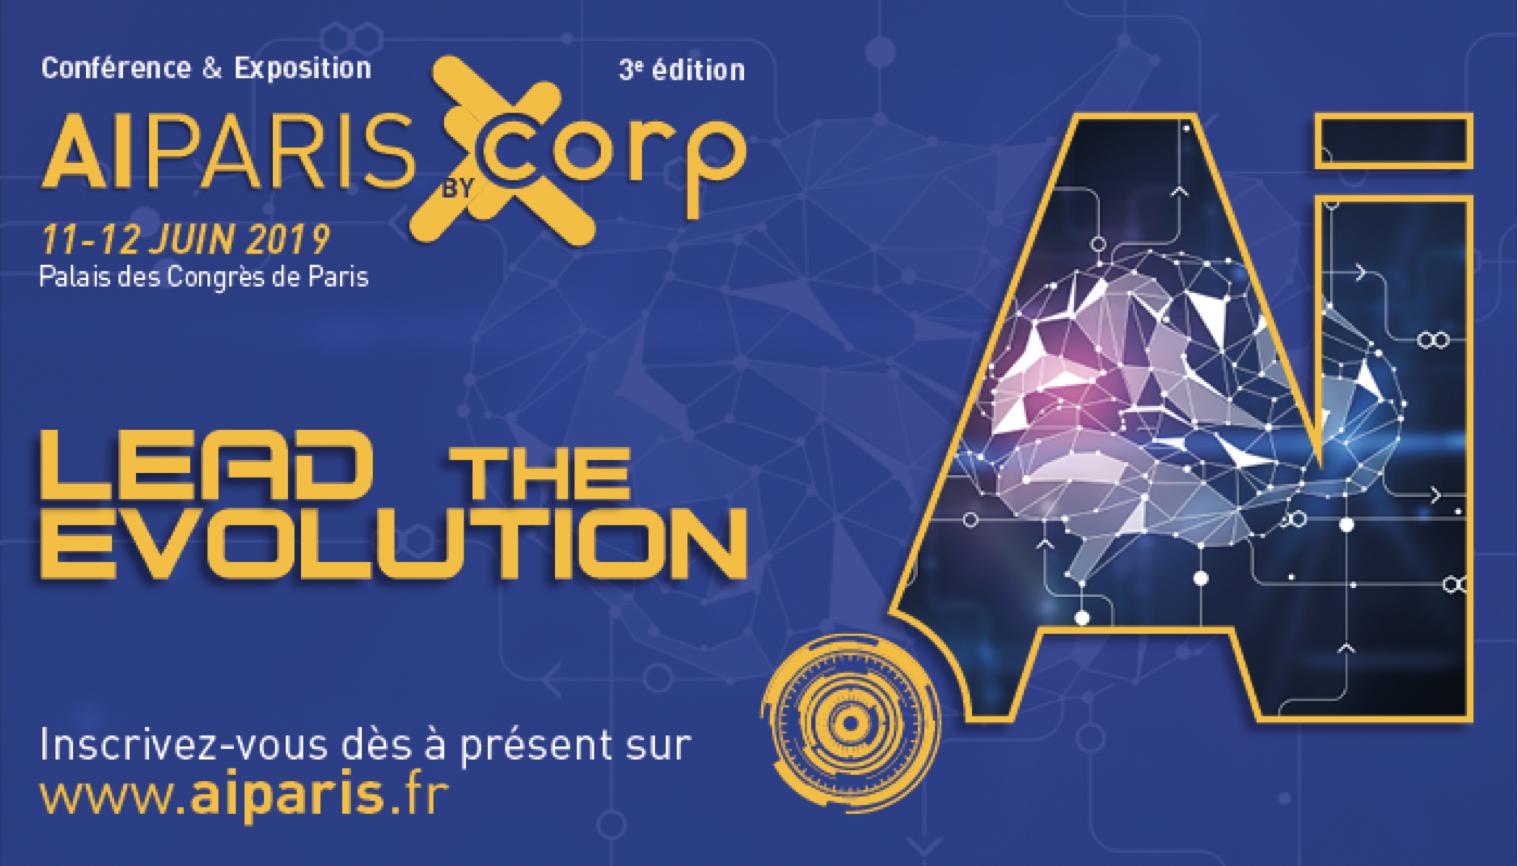 Retrouvez AMAYAS Consulting au AI by CORP les 11 et 12 juin 2019 au Palais des Congrès à Paris !